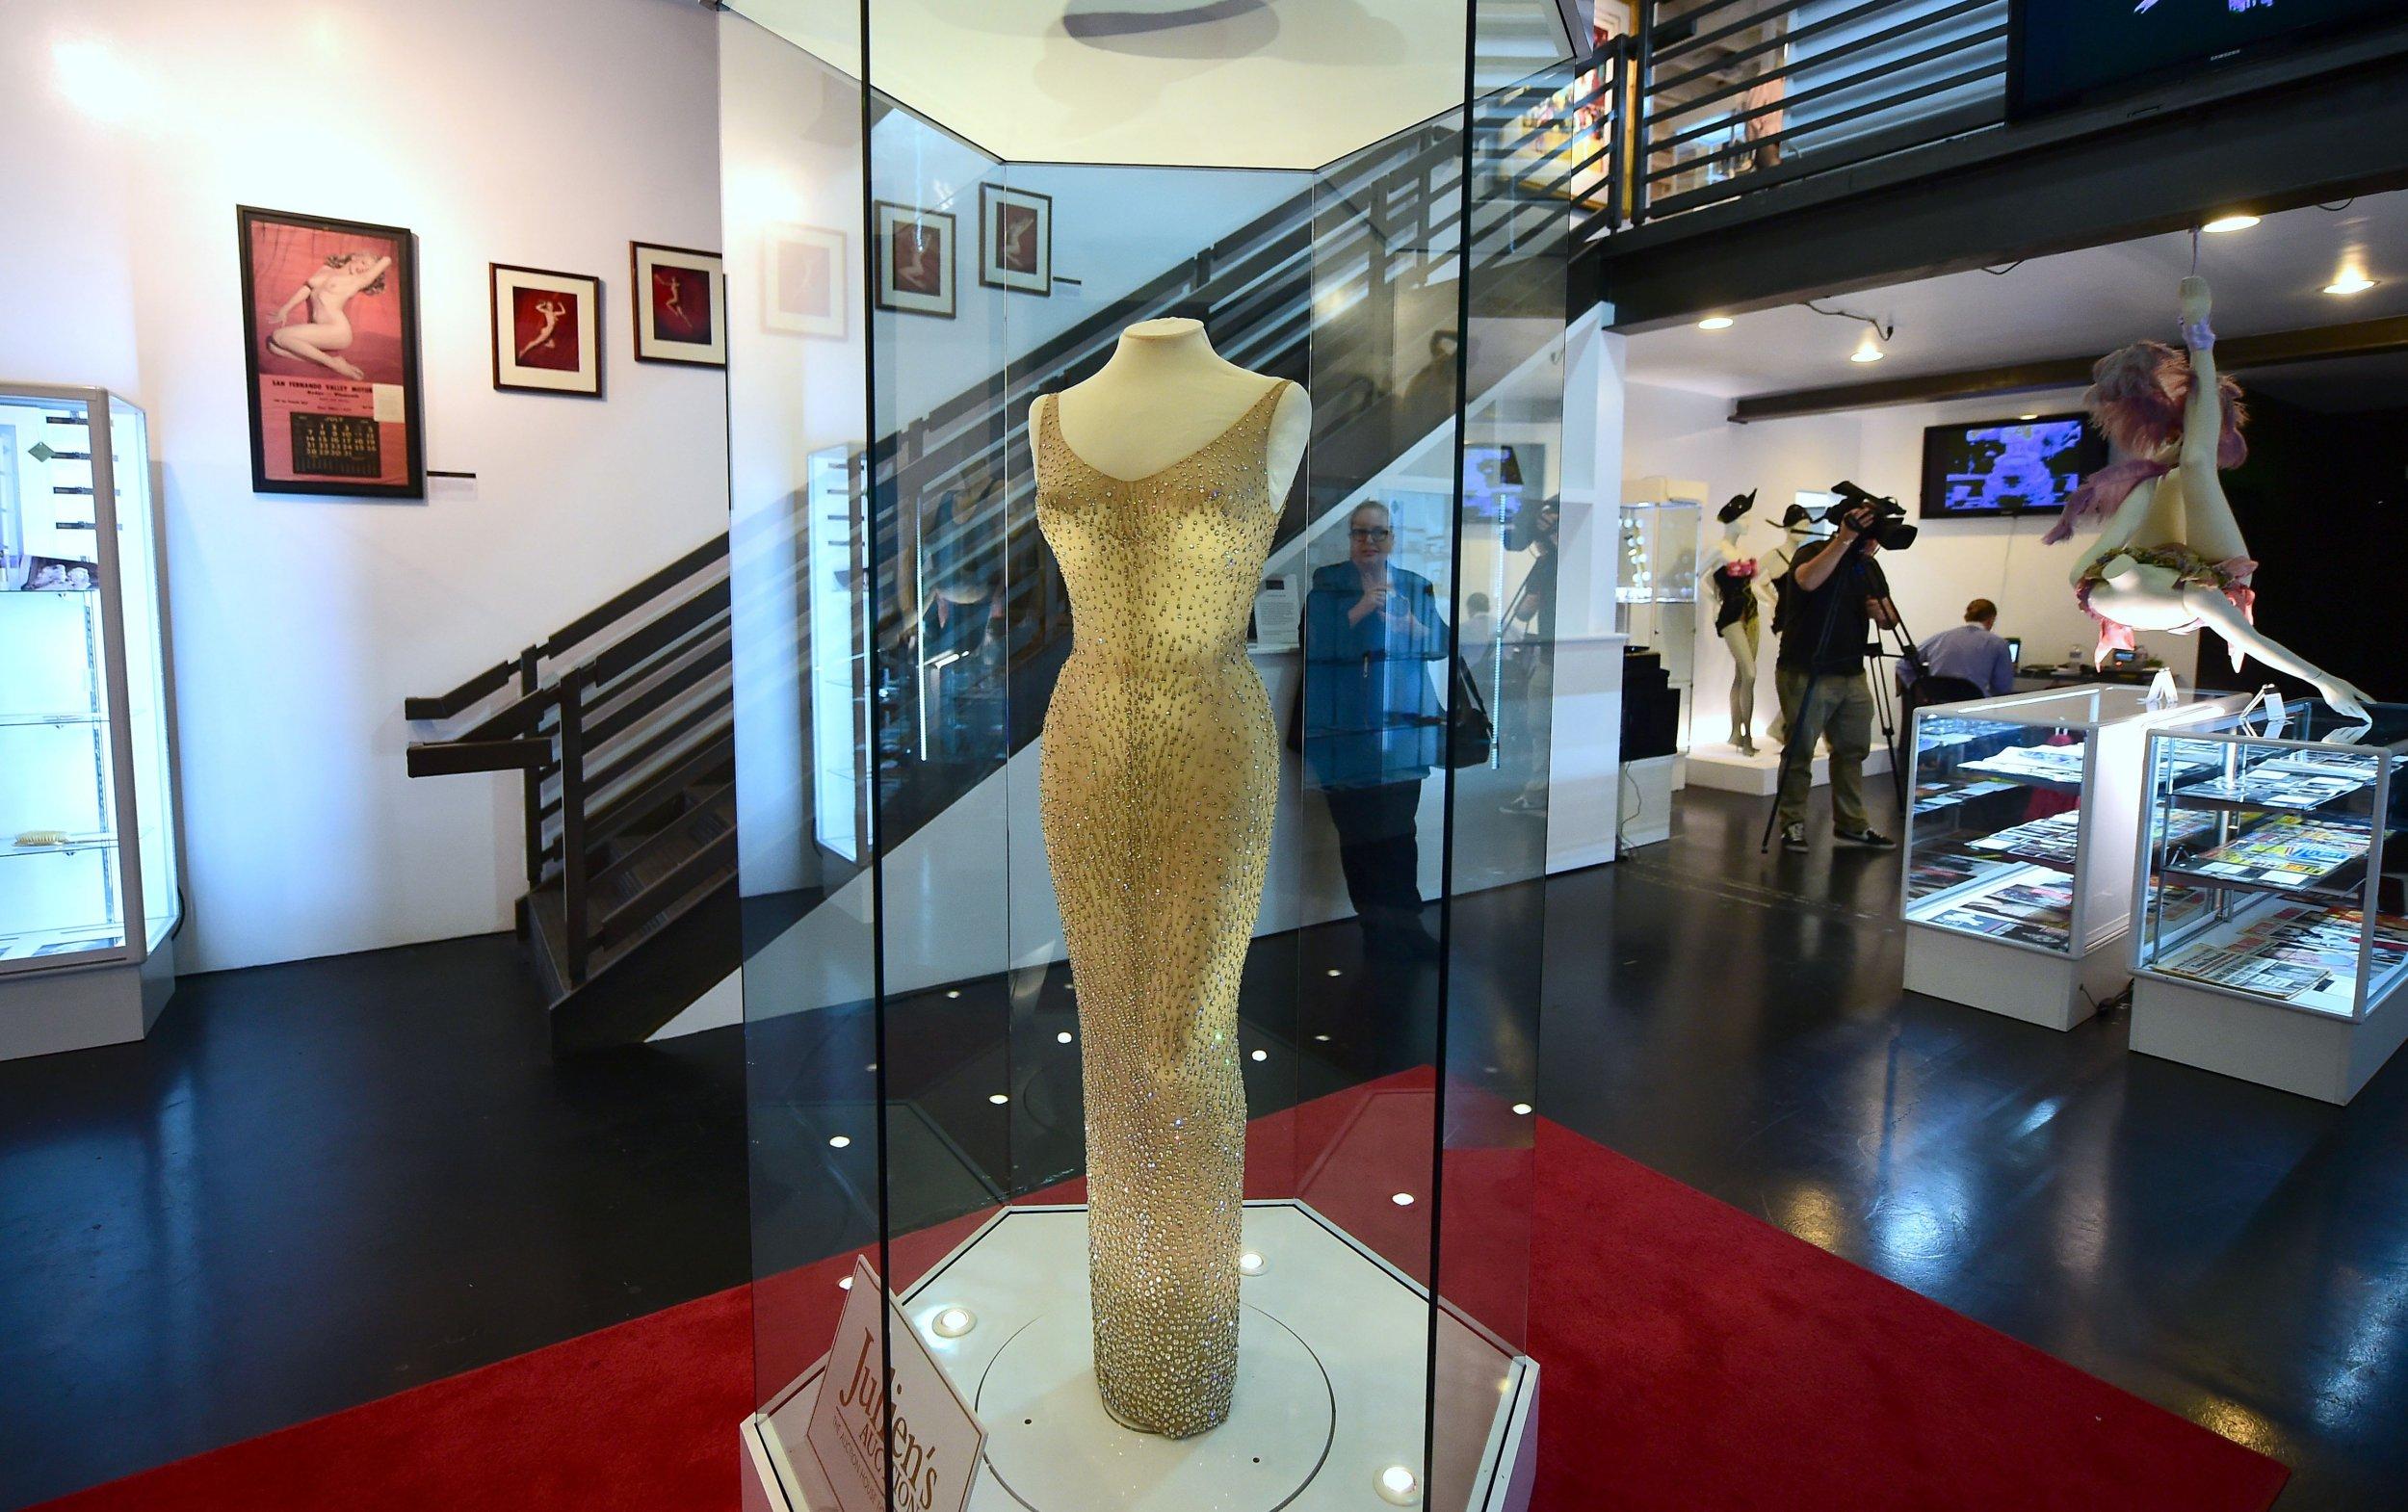 Marilyn Monroe's Mr. President dress